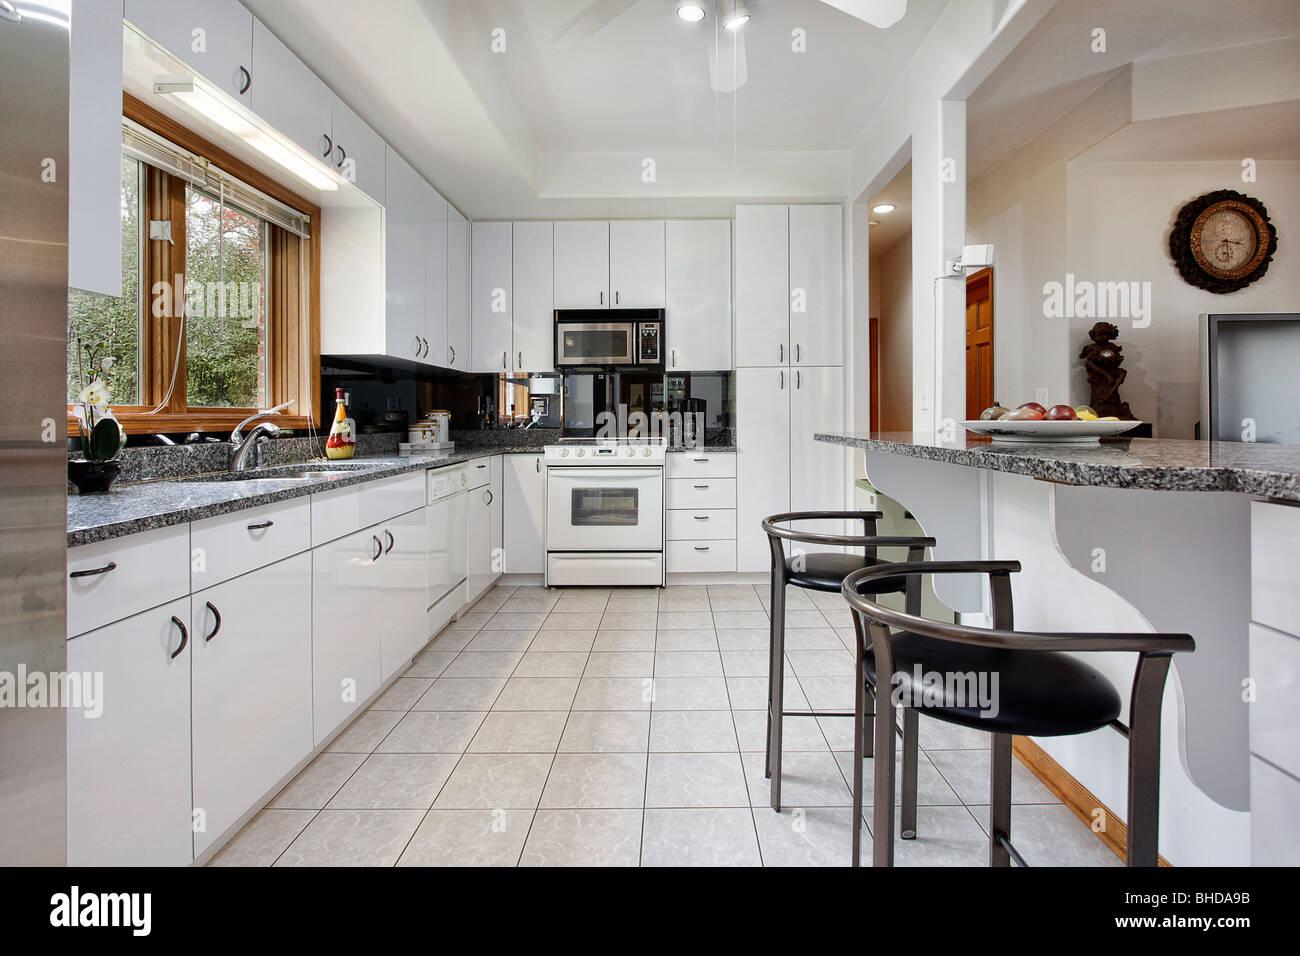 Cocina en casa de lujo con muebles blancos Foto & Imagen De ...